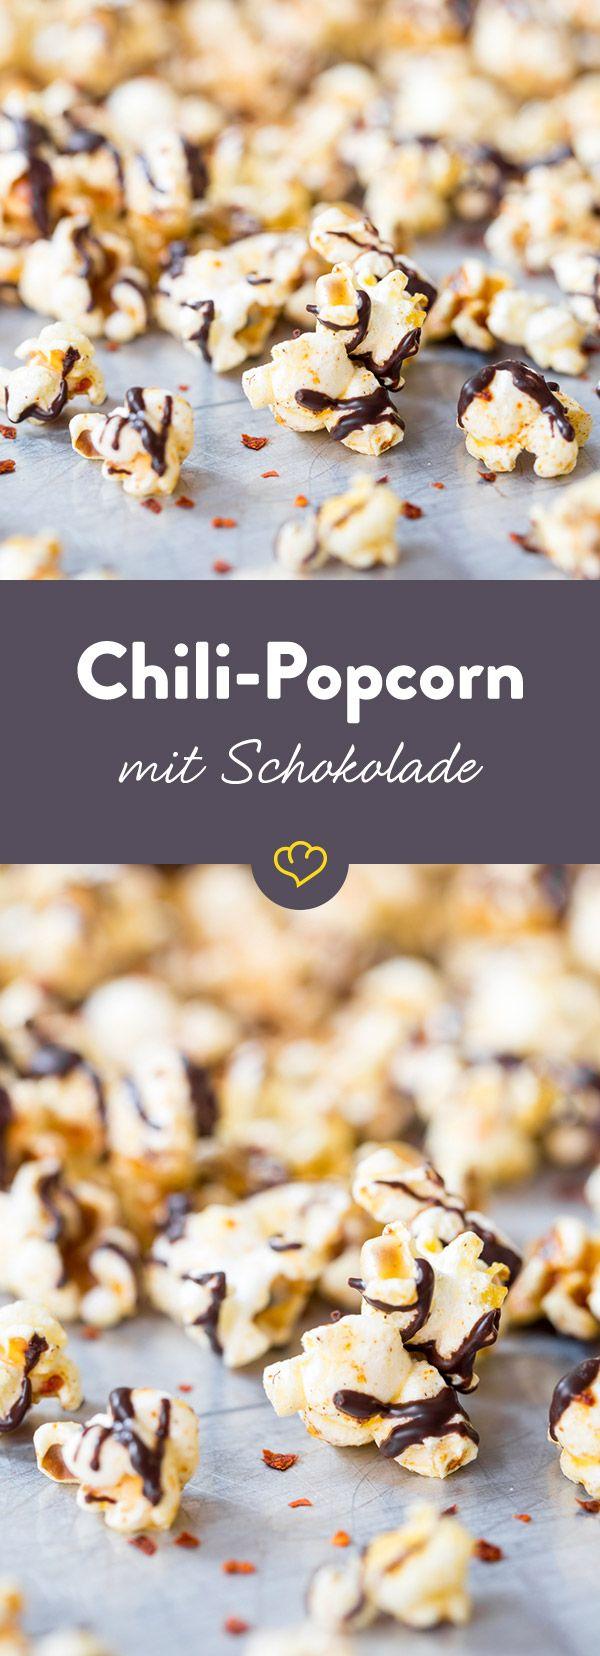 Ein bisschen scharf, ein bisschen salzig, ein bisschen herb und ein bisschen süß - dieses Popcorn hat wirklich alles und ist ratzfatz zuhause nachgemacht.